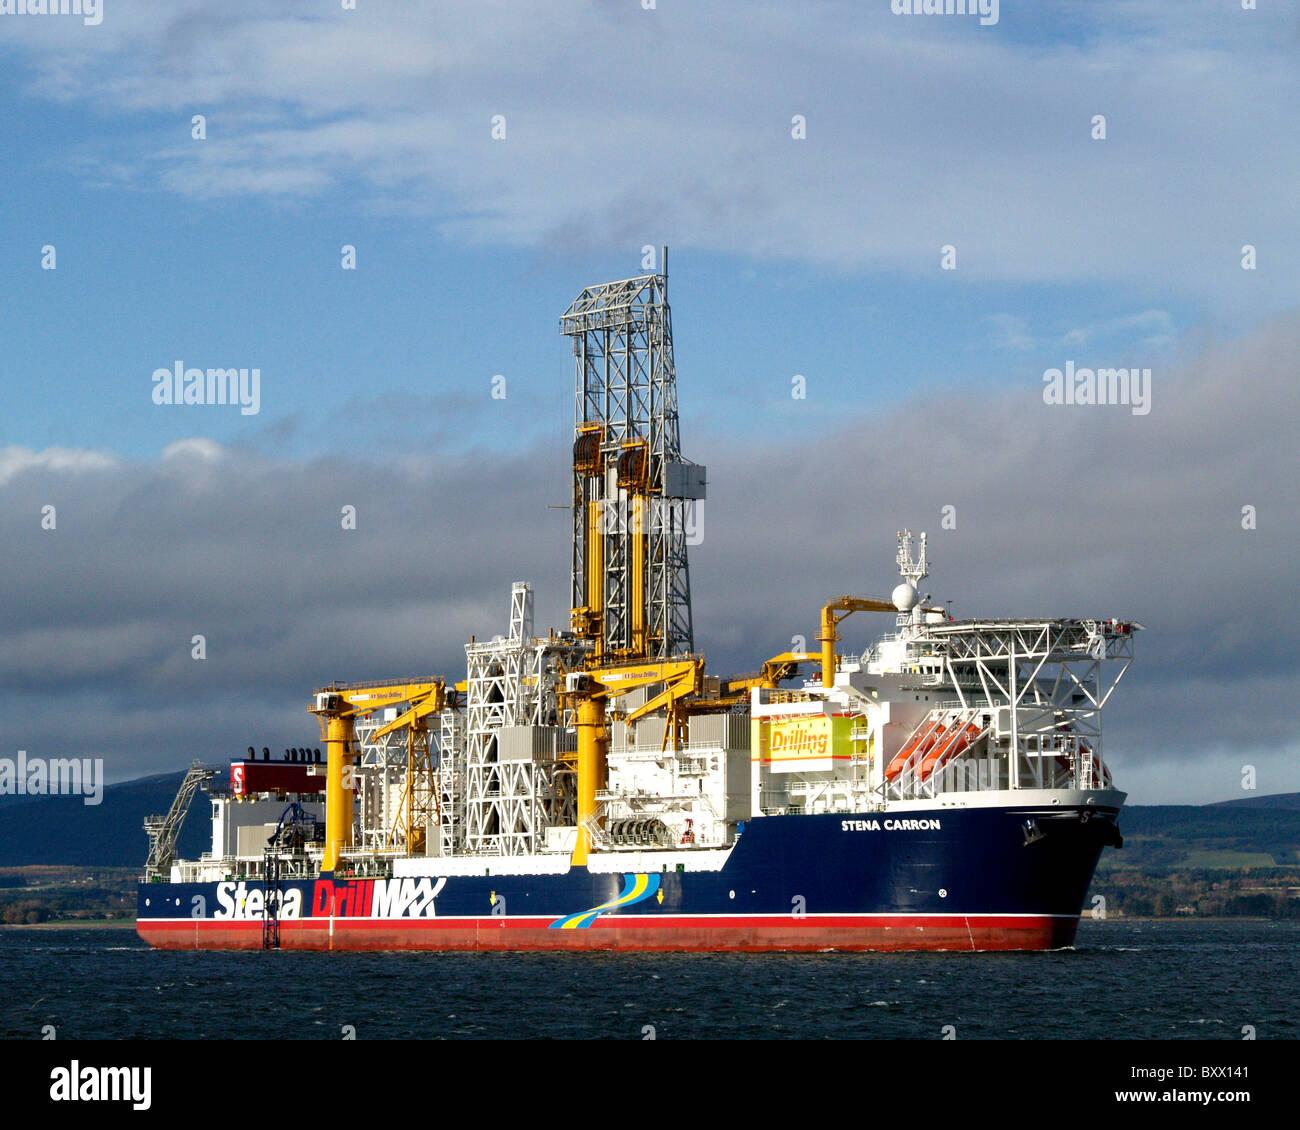 Le navire de forage Stena Carron de quitter l'Estuaire de Cromarty, sur la route de forer des puits de pétrole en eau profonde dans les eaux près du Groenland. Banque D'Images